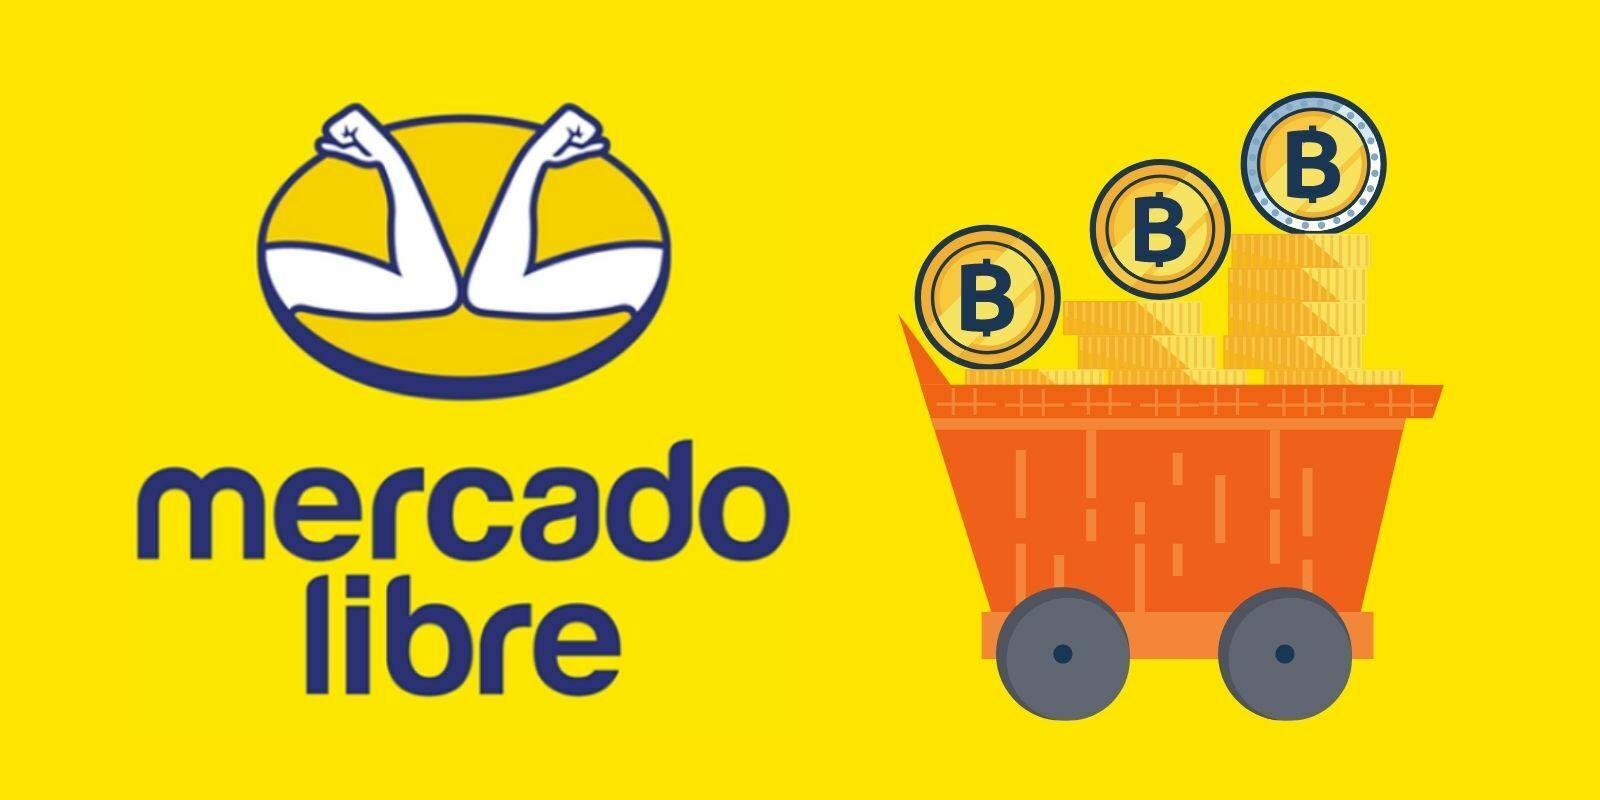 Le géant sud-américain Mercado Libre accepte désormais les paiements en Bitcoin